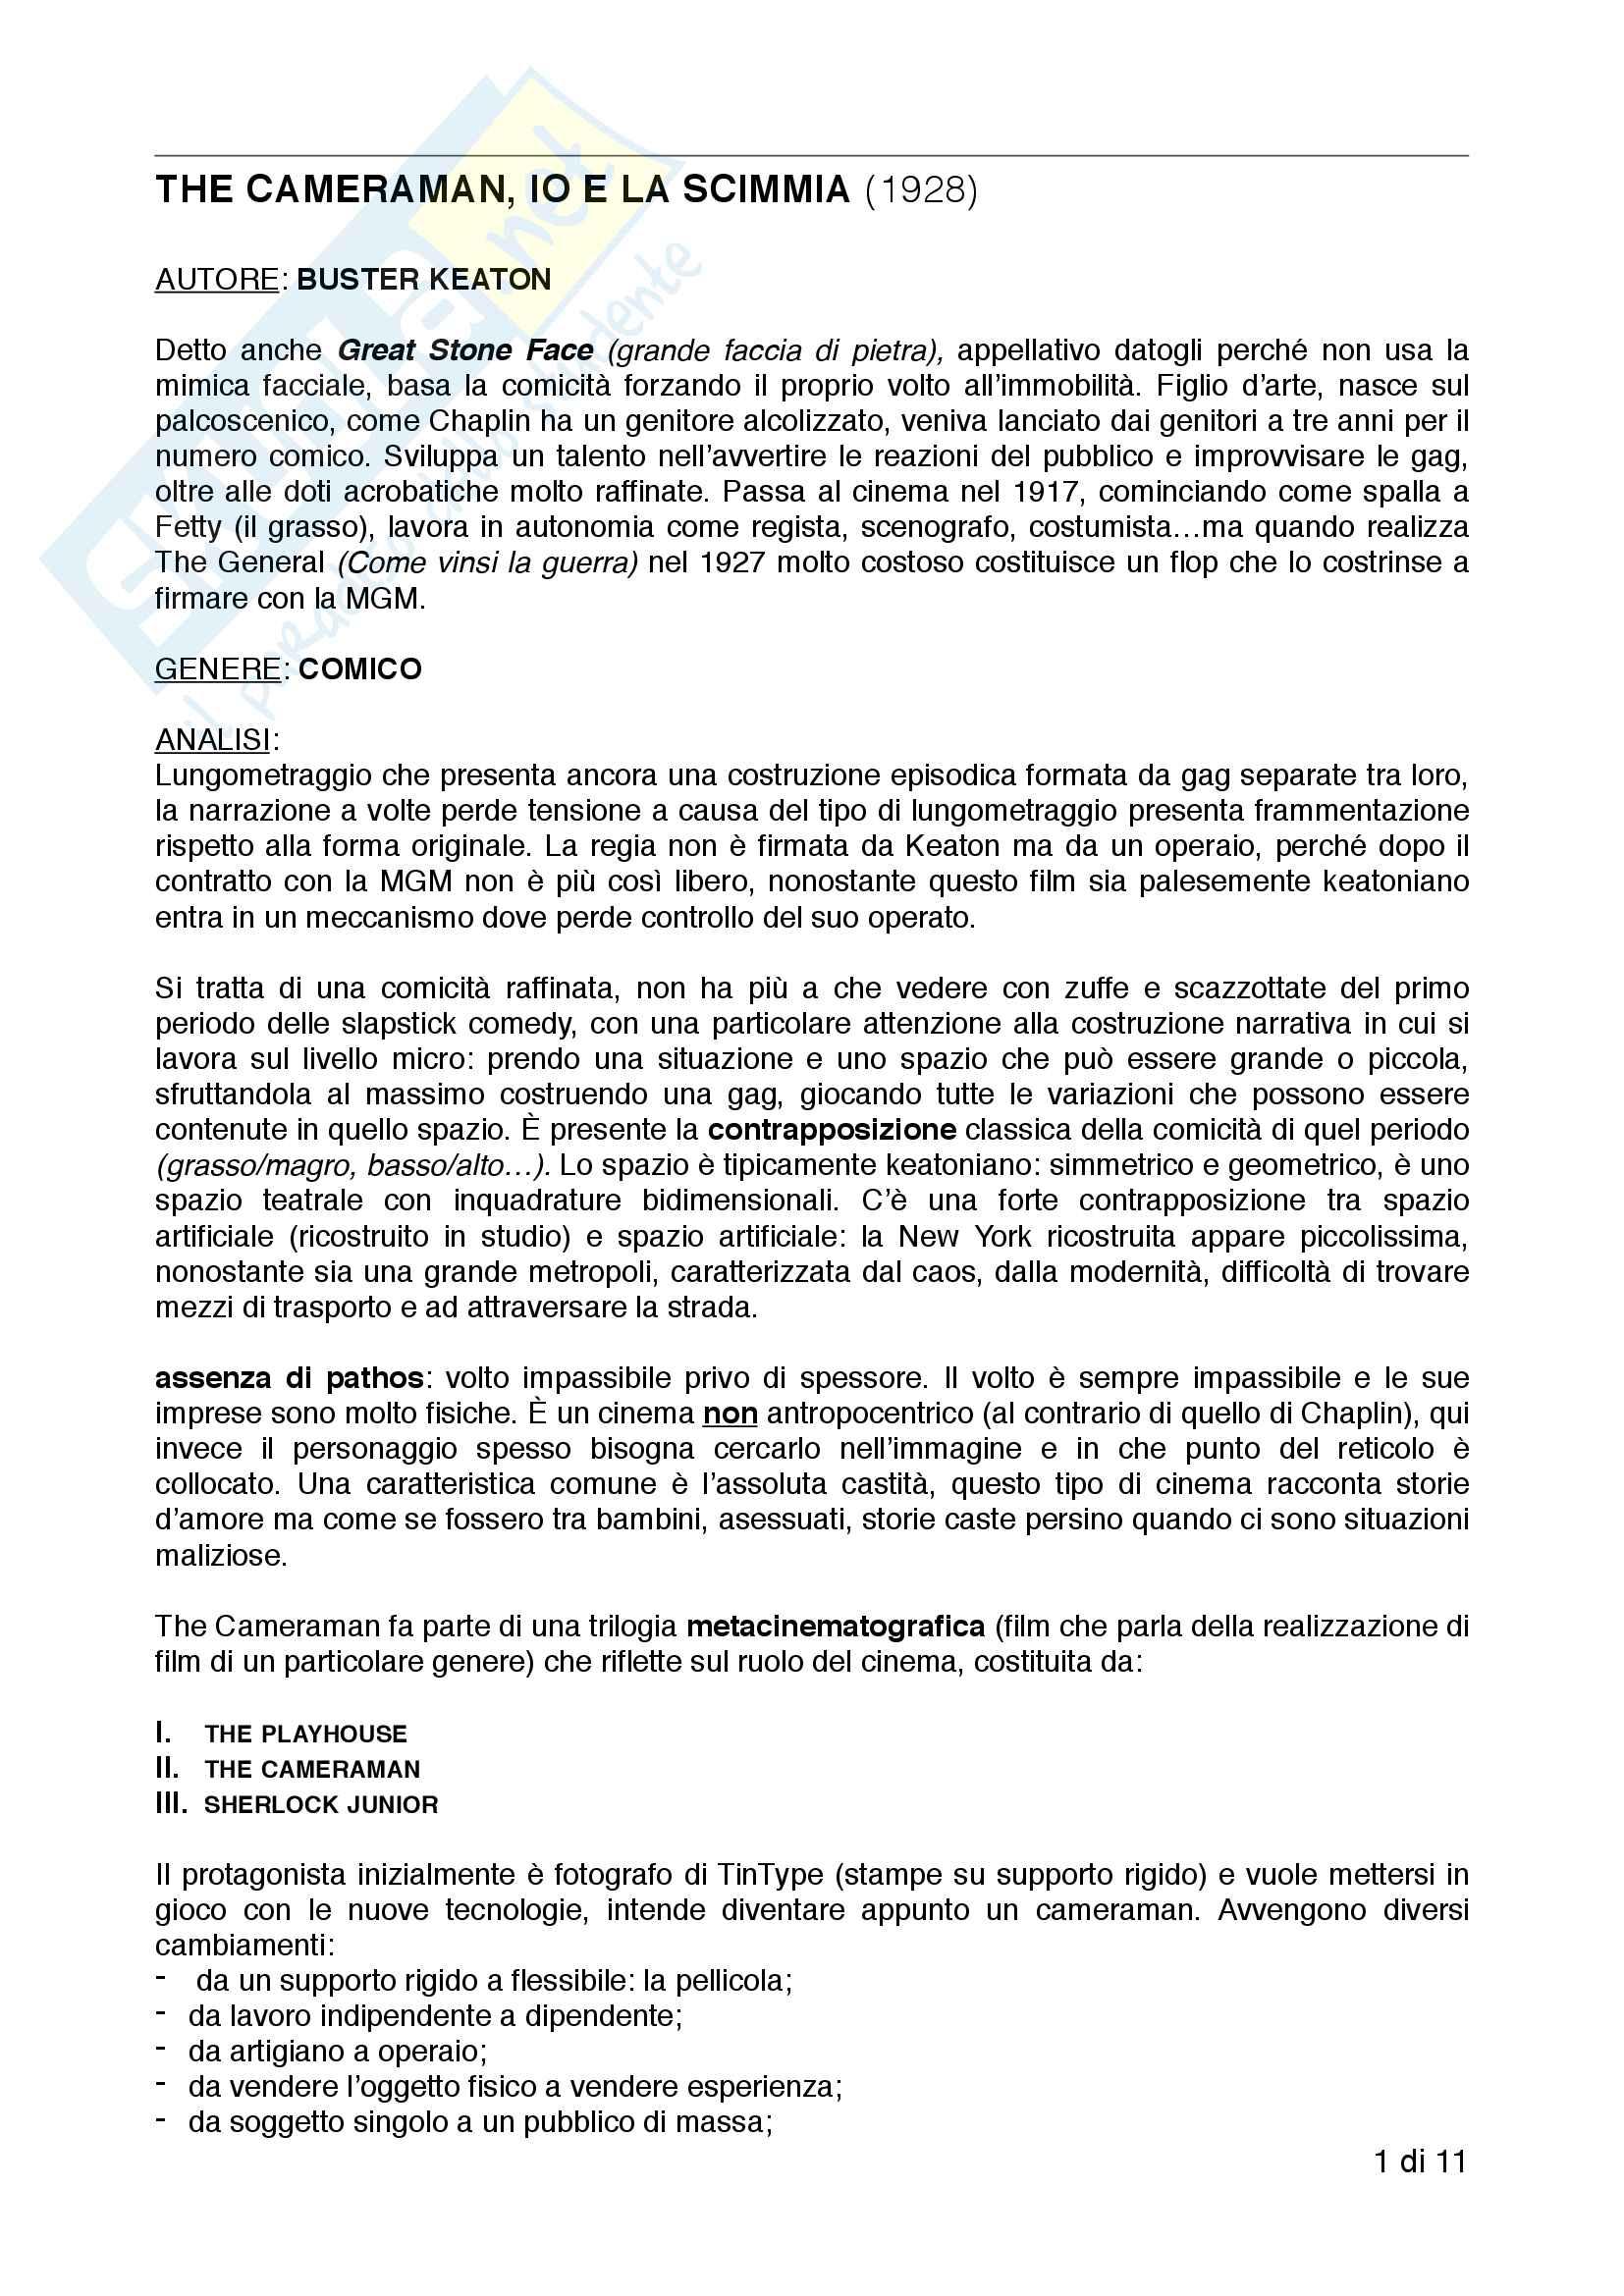 Appunti esame Storia ed estetica del cinema, prof.ssa Farinotti, Analisi Film